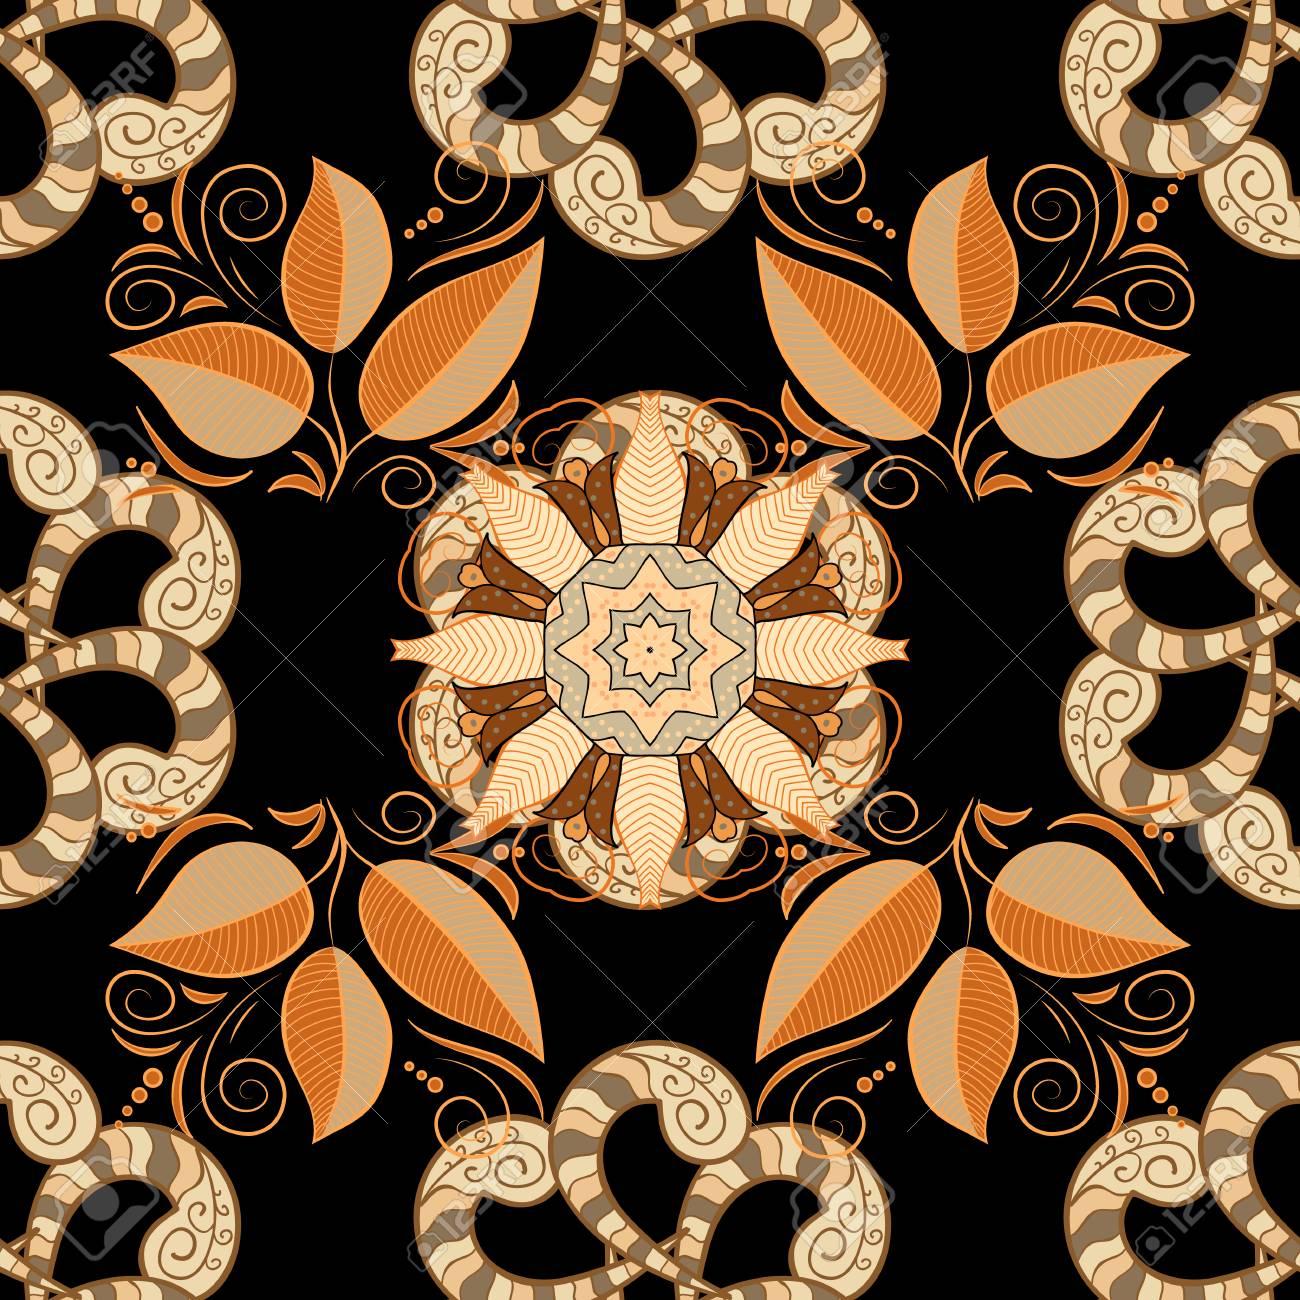 Bocetos De Tatuajes Tradicionales estilo indio tradicional, elementos florales ornamentales para el tatuaje  de la alheña, etiquetas engomadas coloreadas, tatuaje temporal de destello,